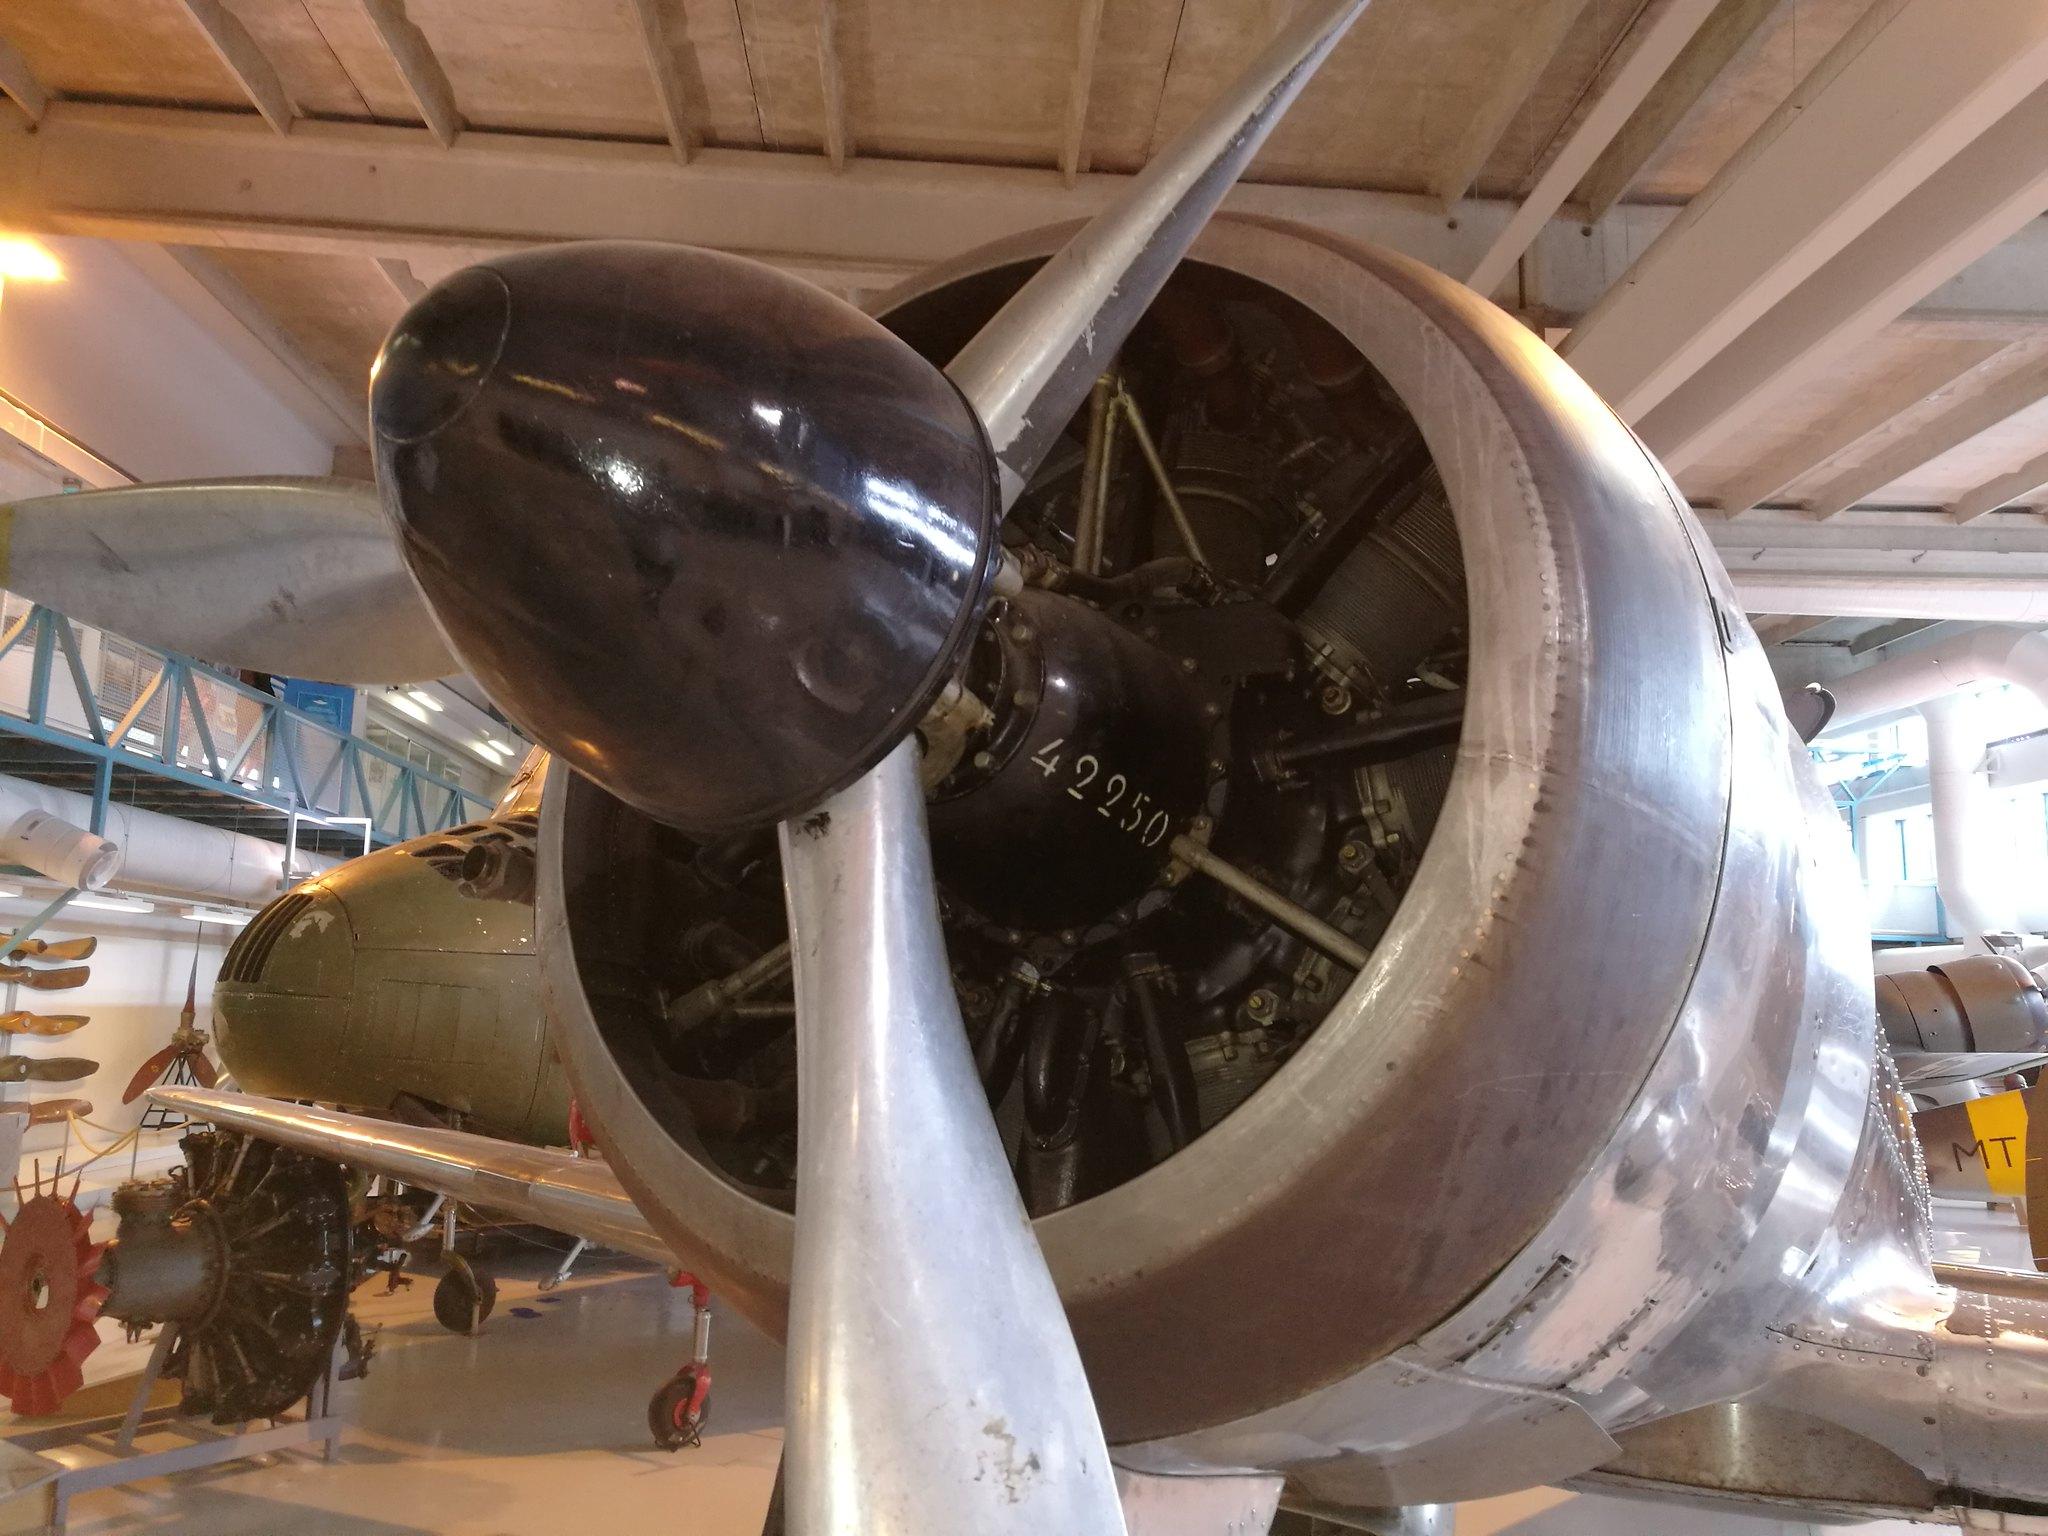 Hemkommen från semester i Finland med utflykt till Finlands Flygvapenmuseum. 48292960511_5d1b26ac75_k